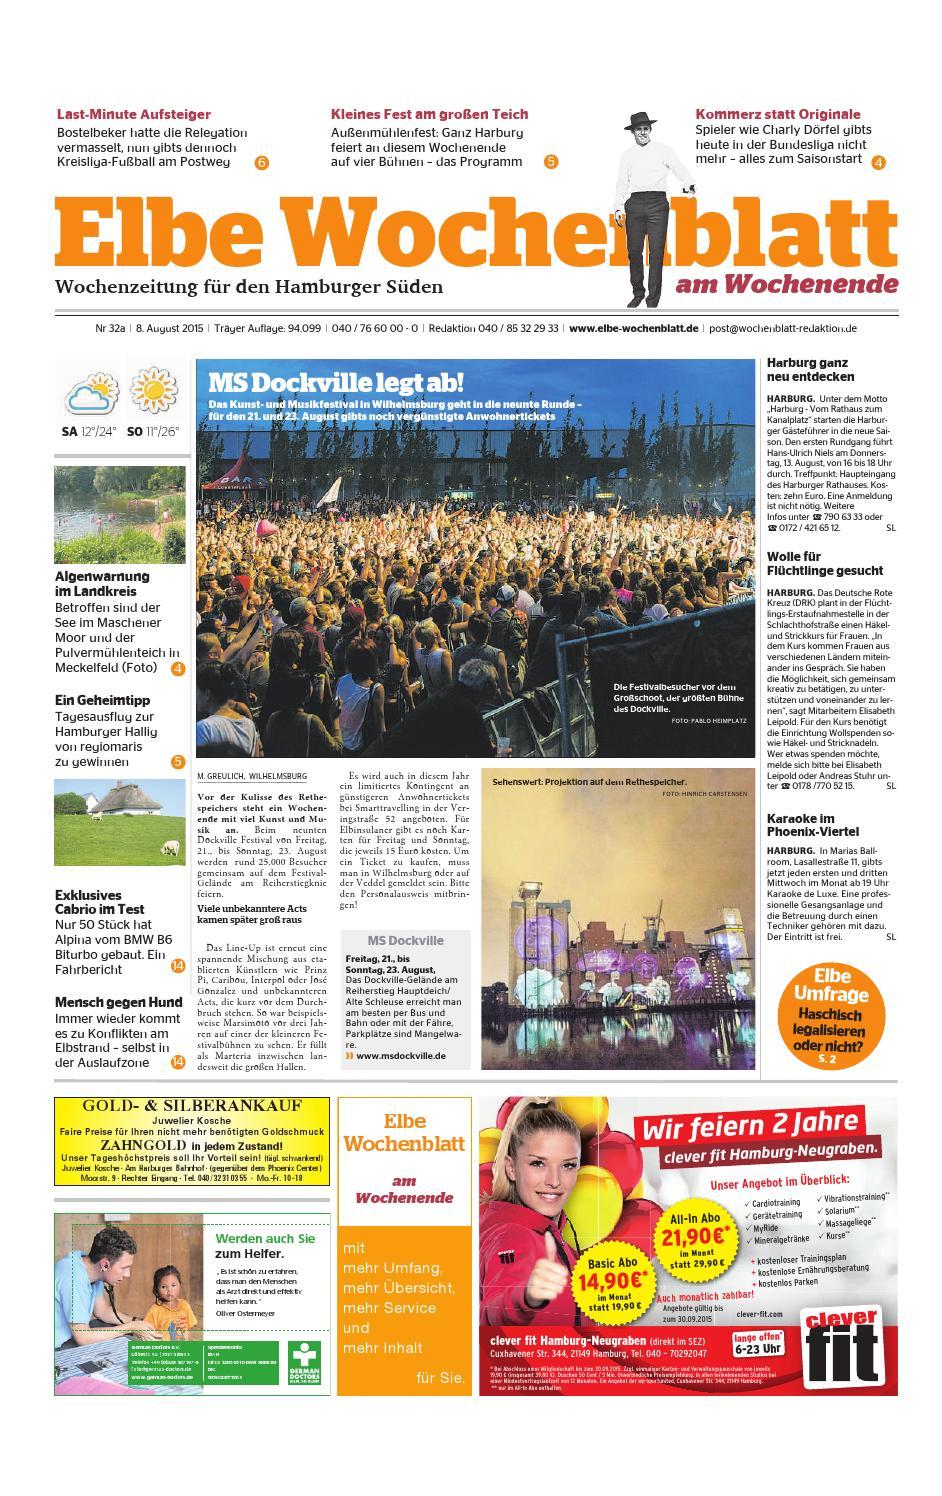 Wochenende KW32 2015 by Elbe Wochenblatt Verlagsgesellschaft